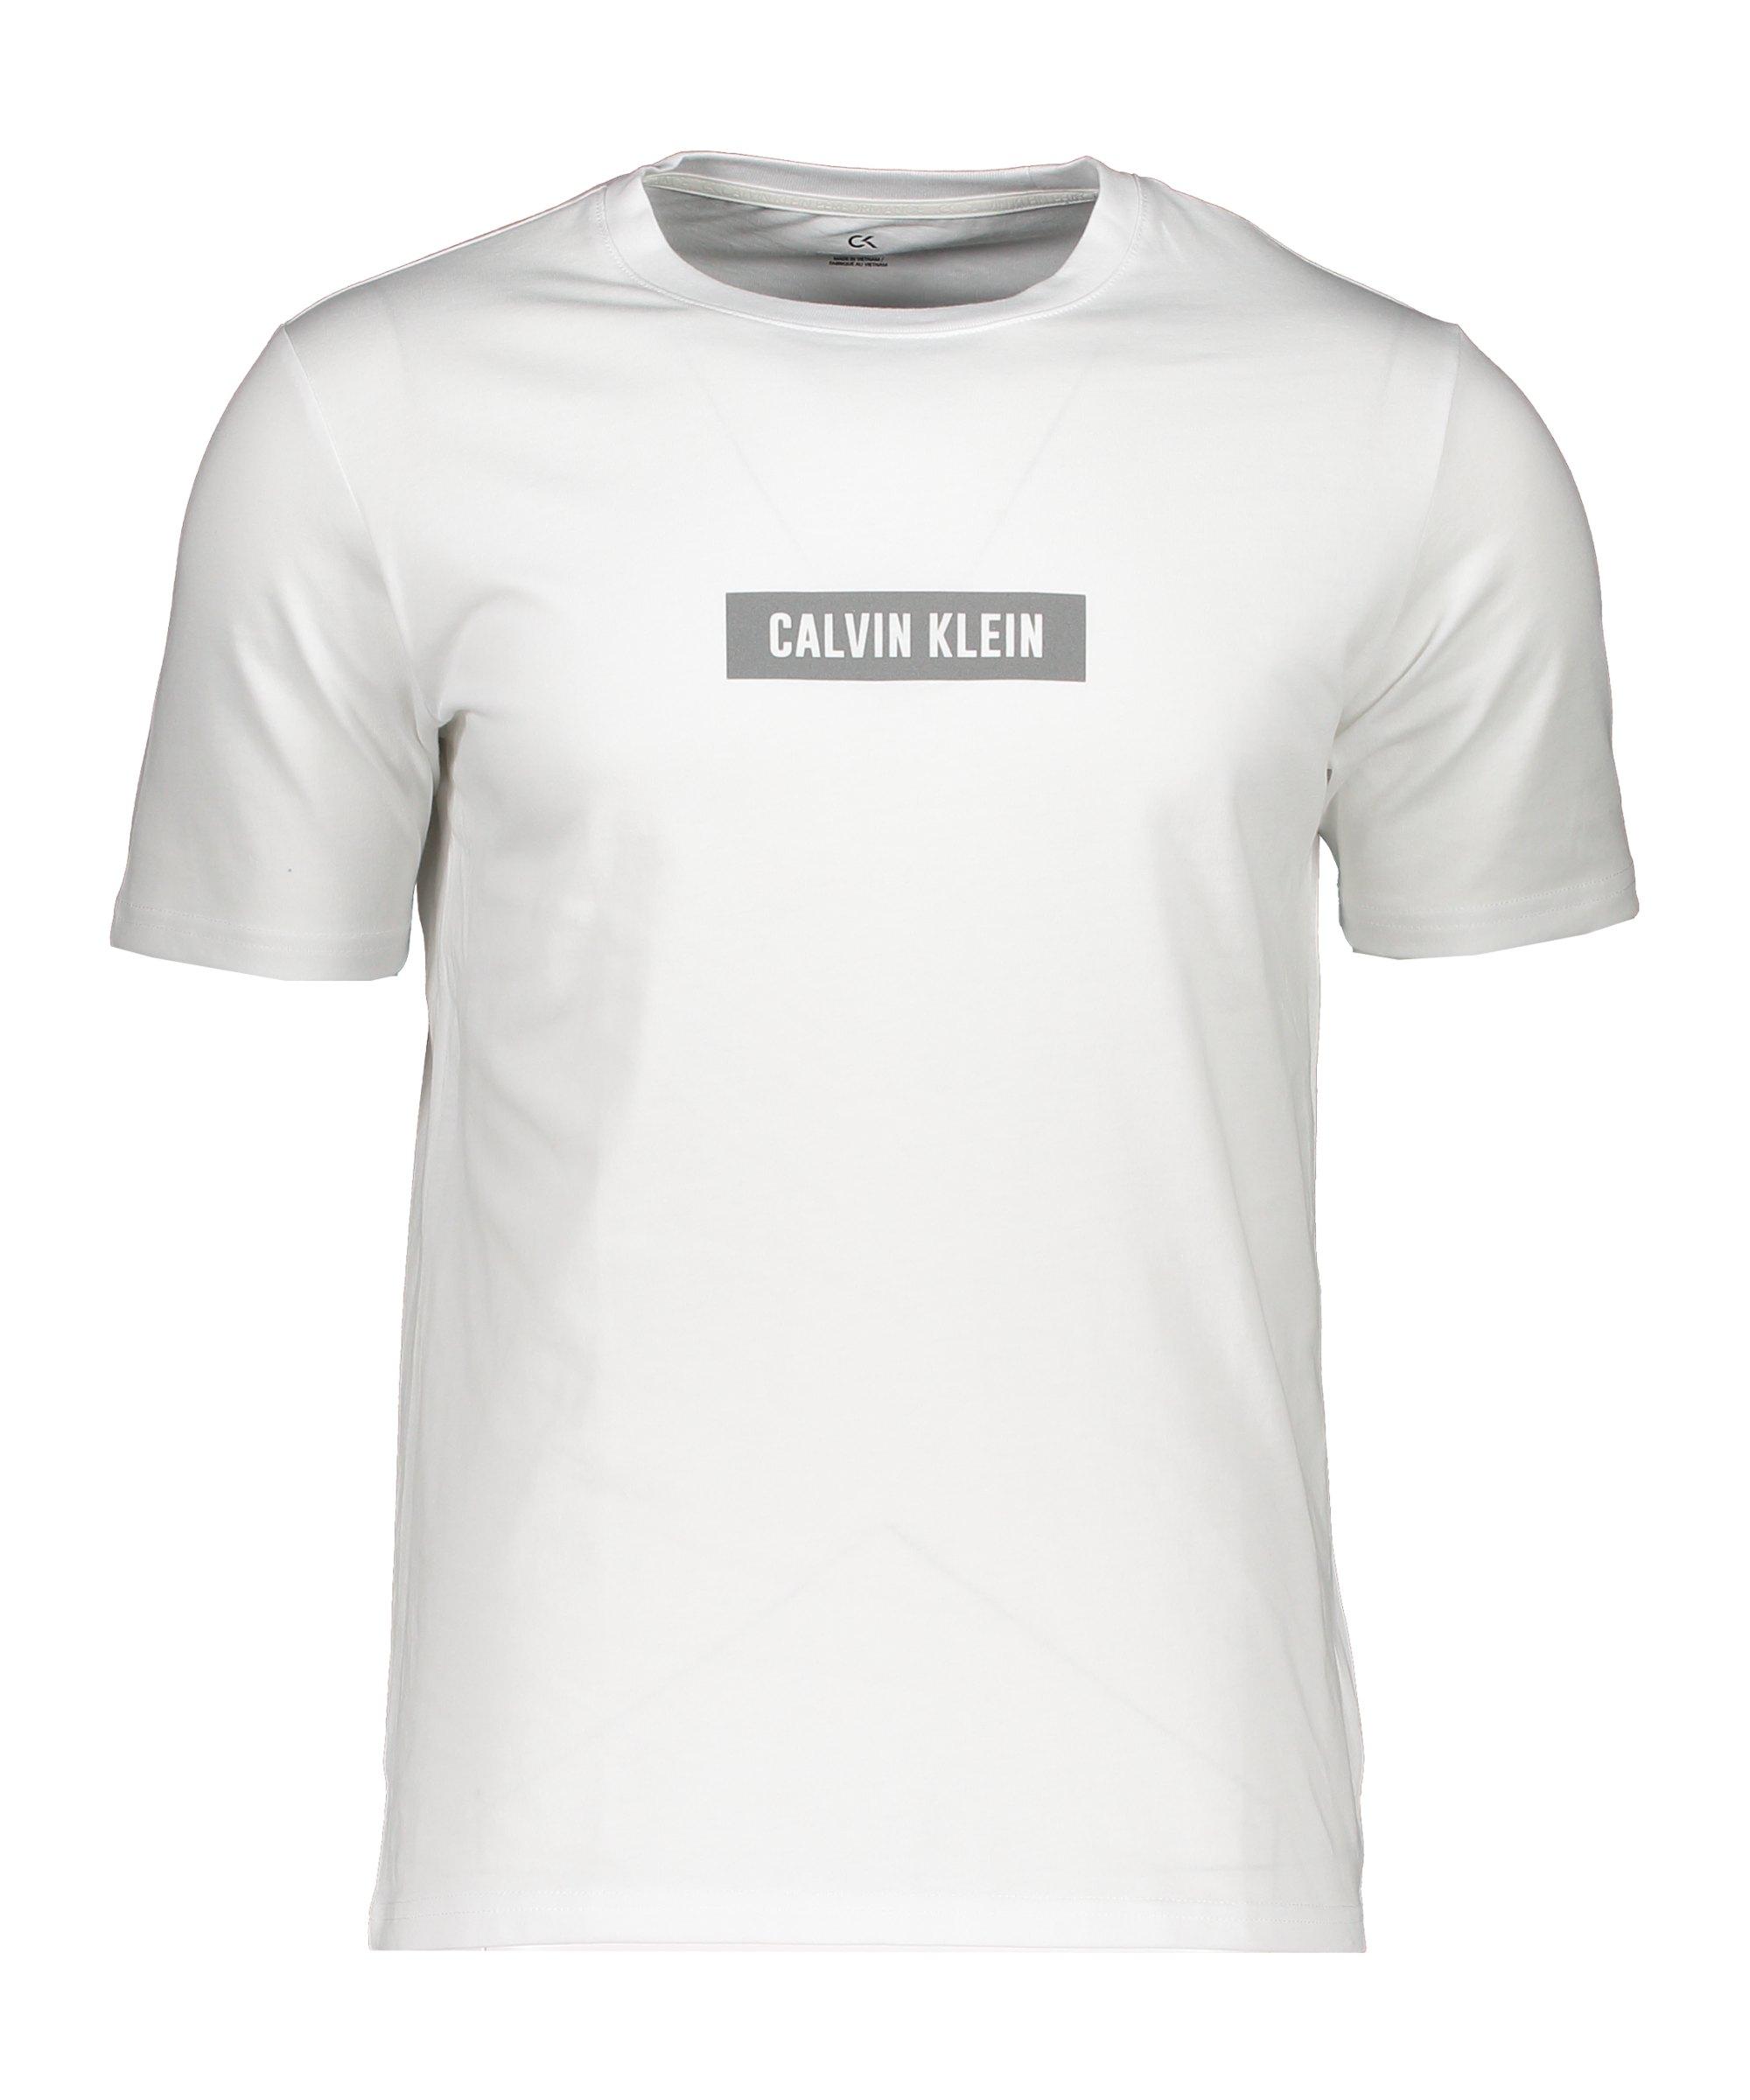 Calvin Klein T-Shirt Weiss F100 - weiss